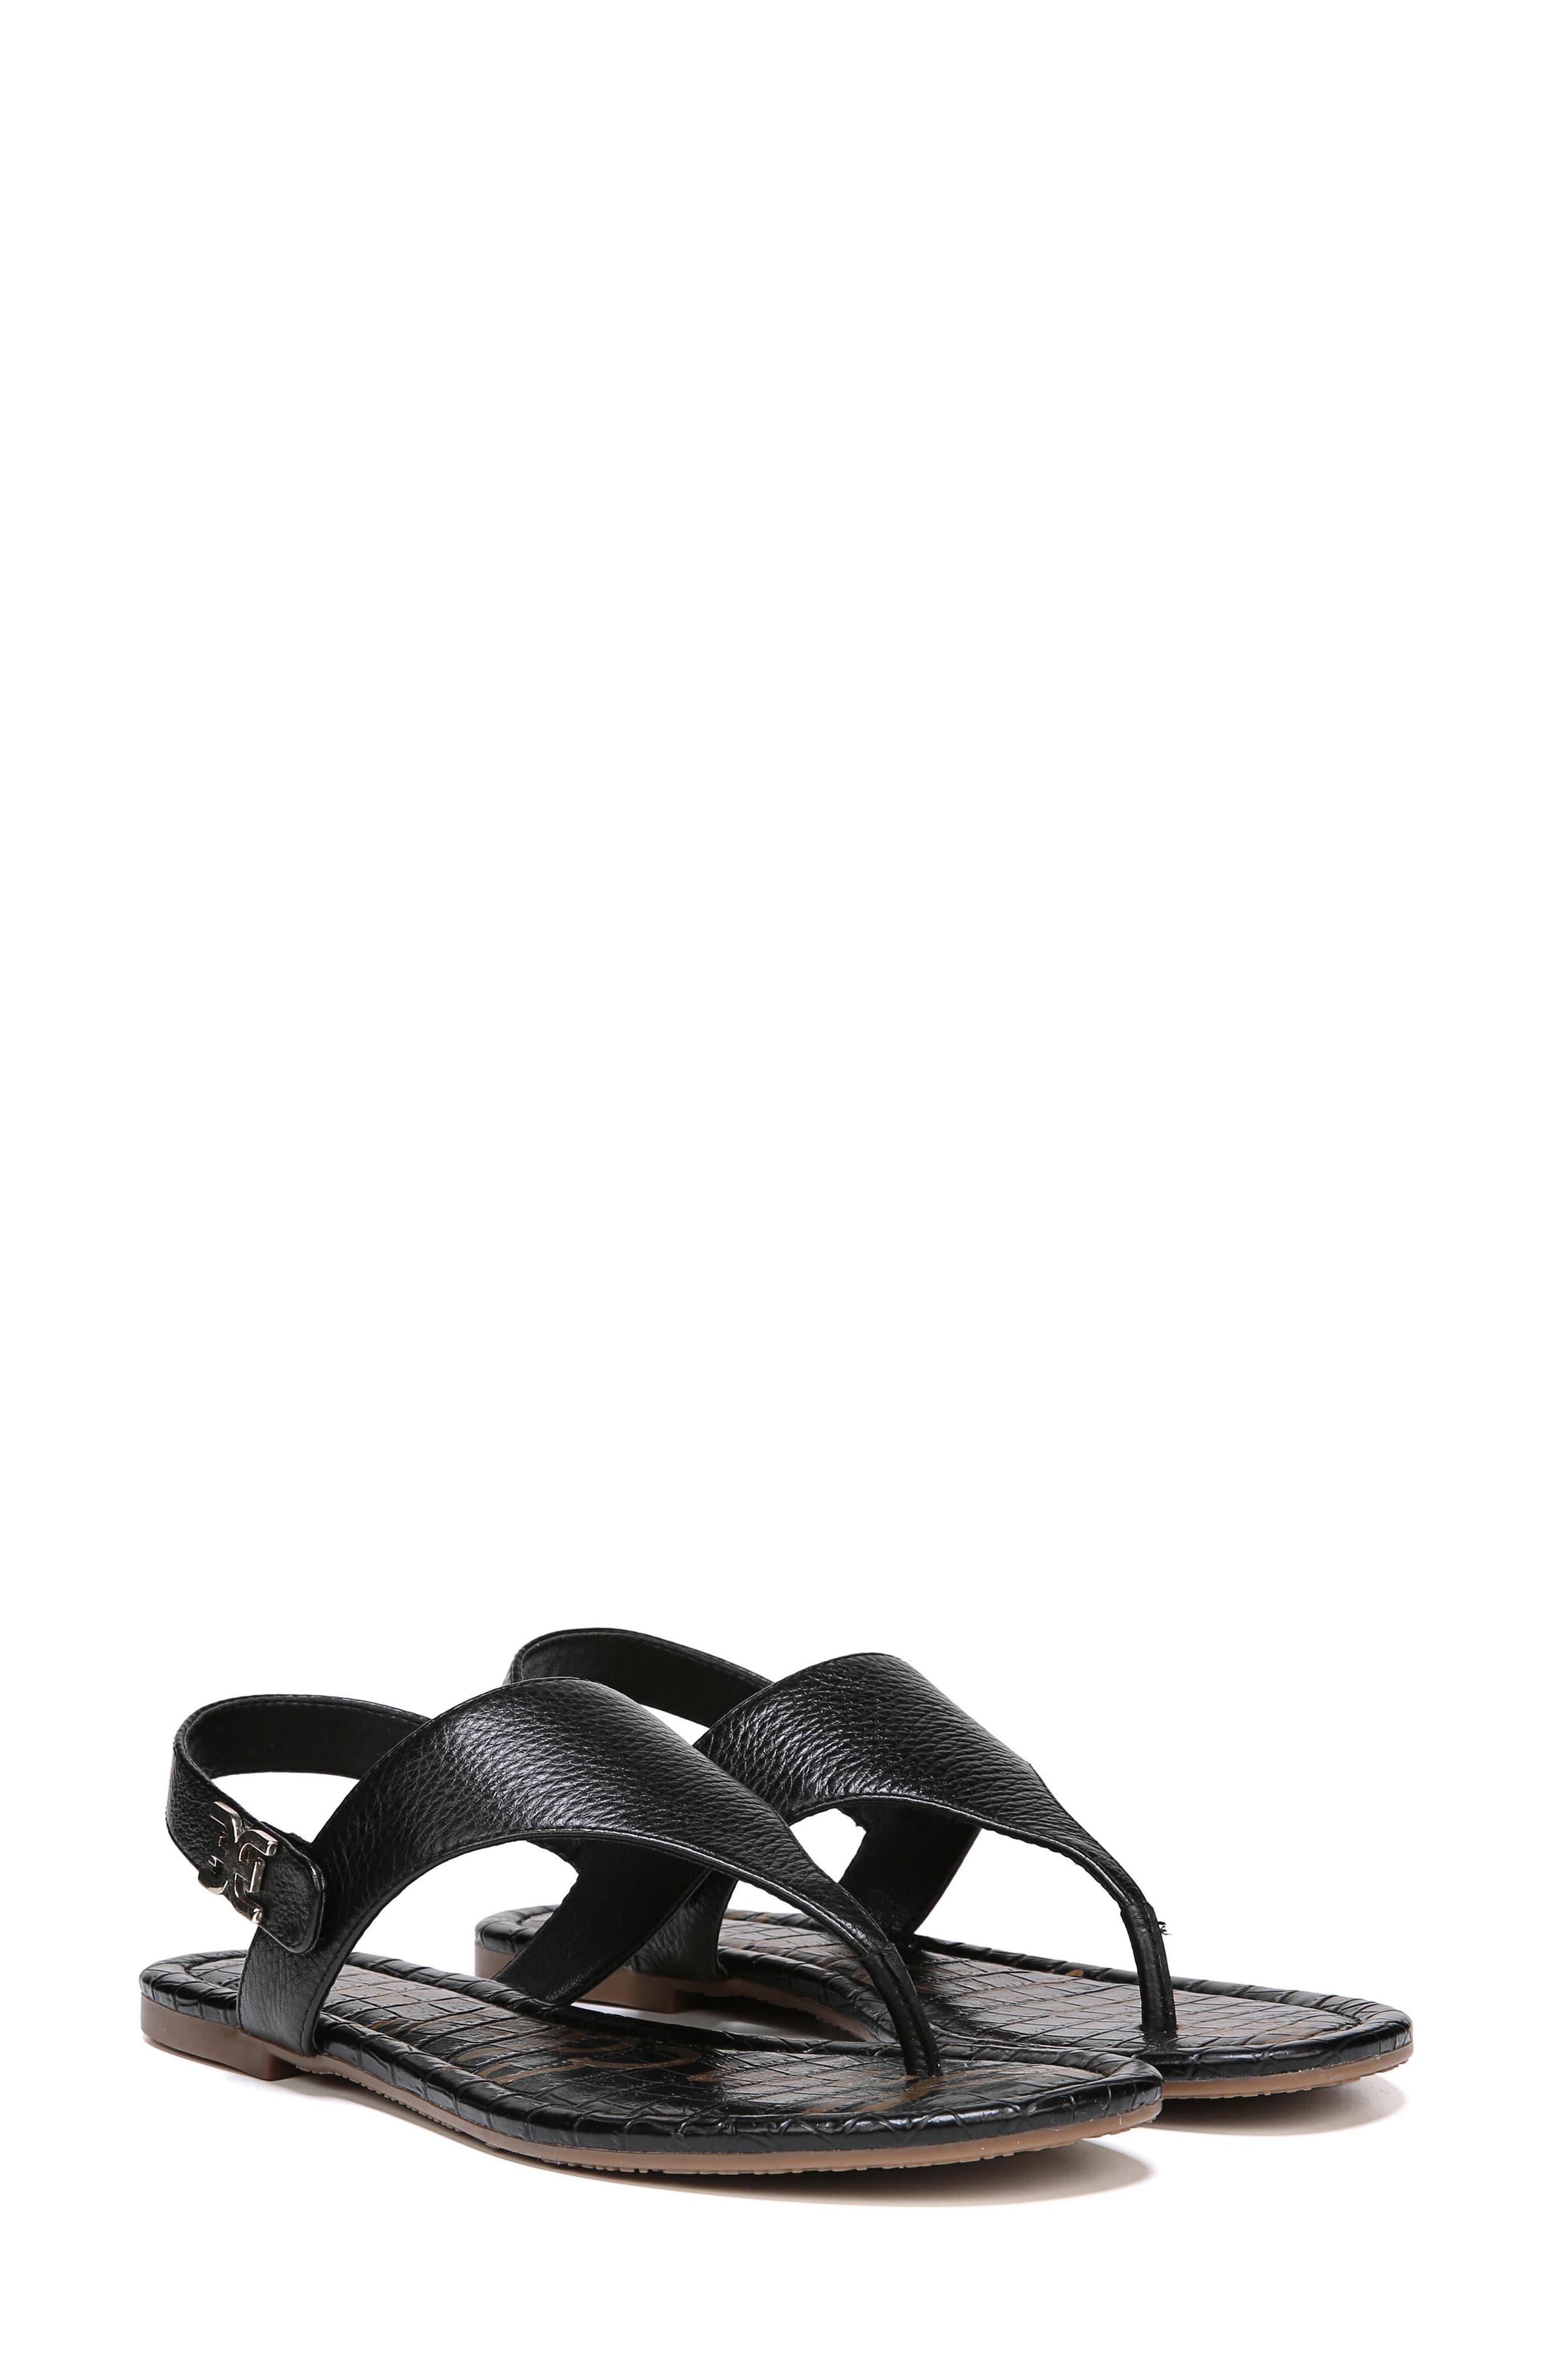 Cason Sandal,                         Main,                         color, 001